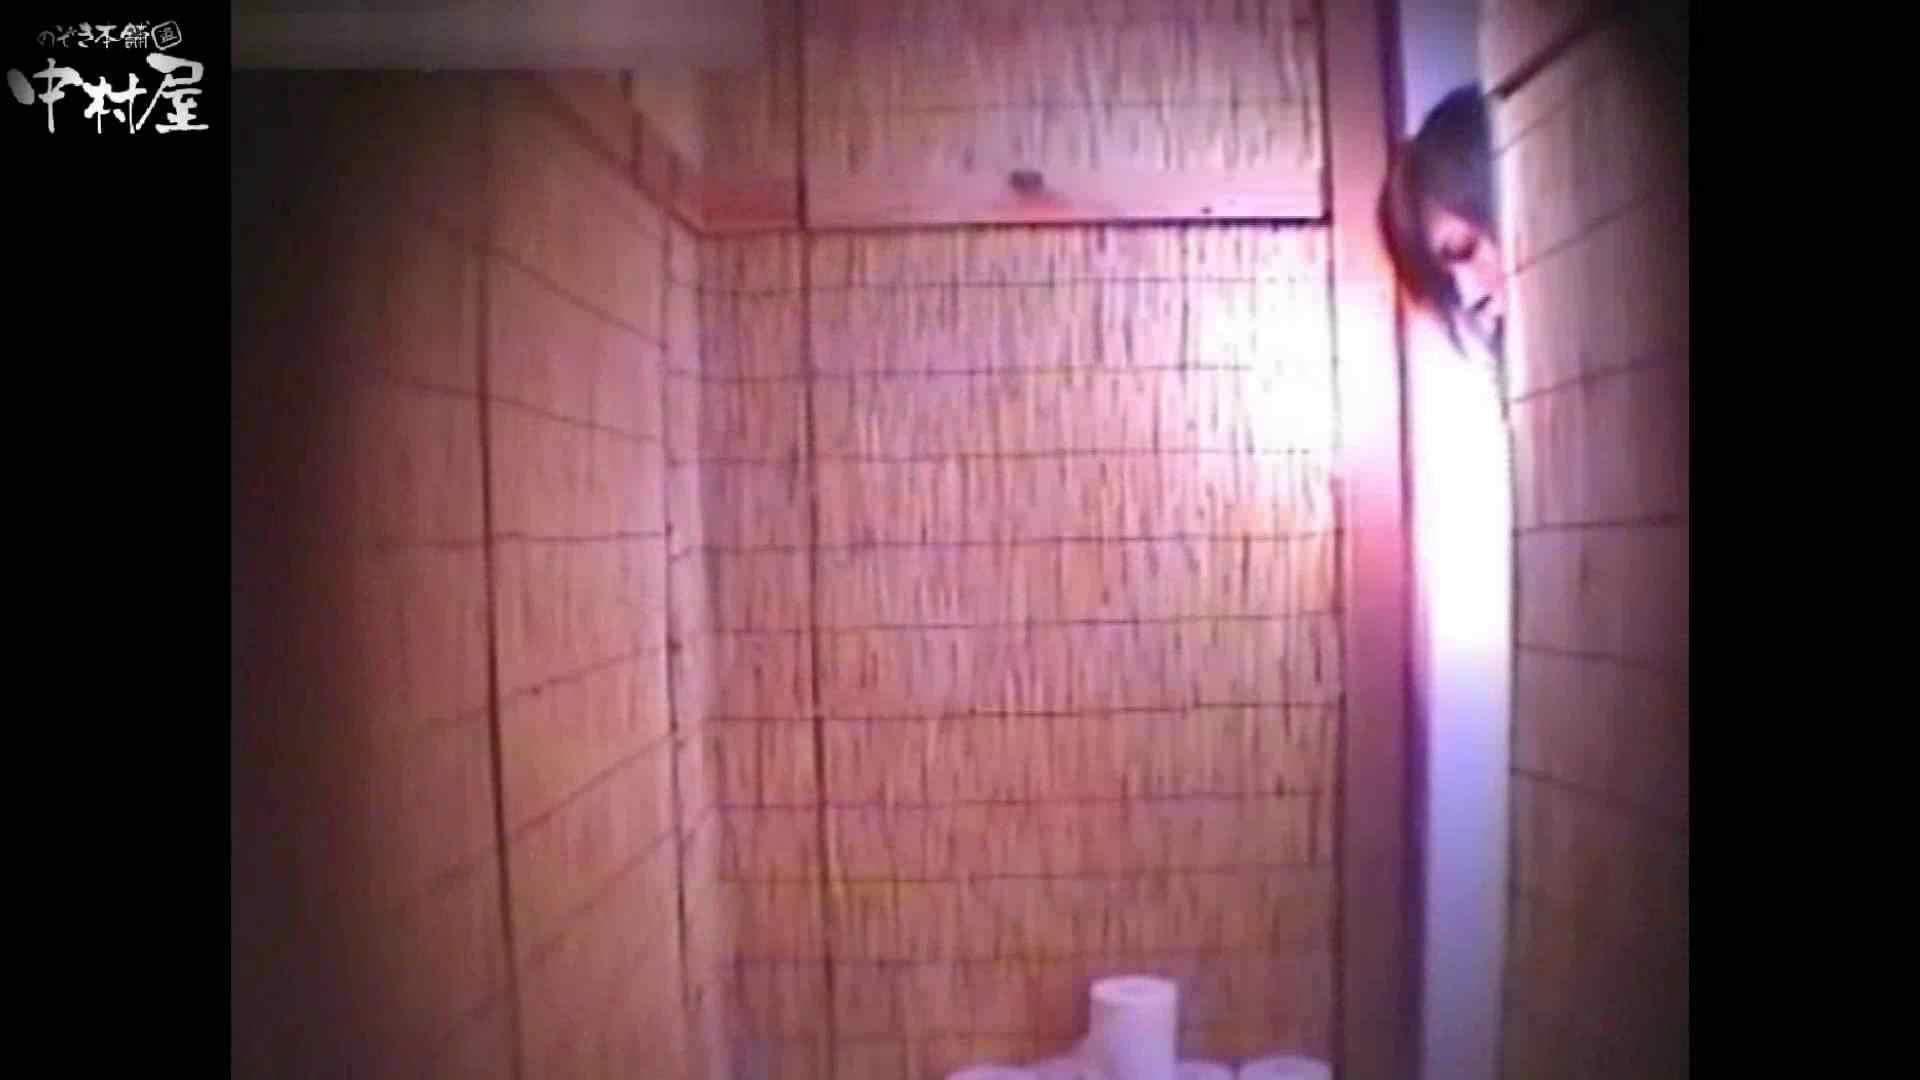 解禁!海の家4カメ洗面所vol.70 エロギャル   人気シリーズ  74画像 52